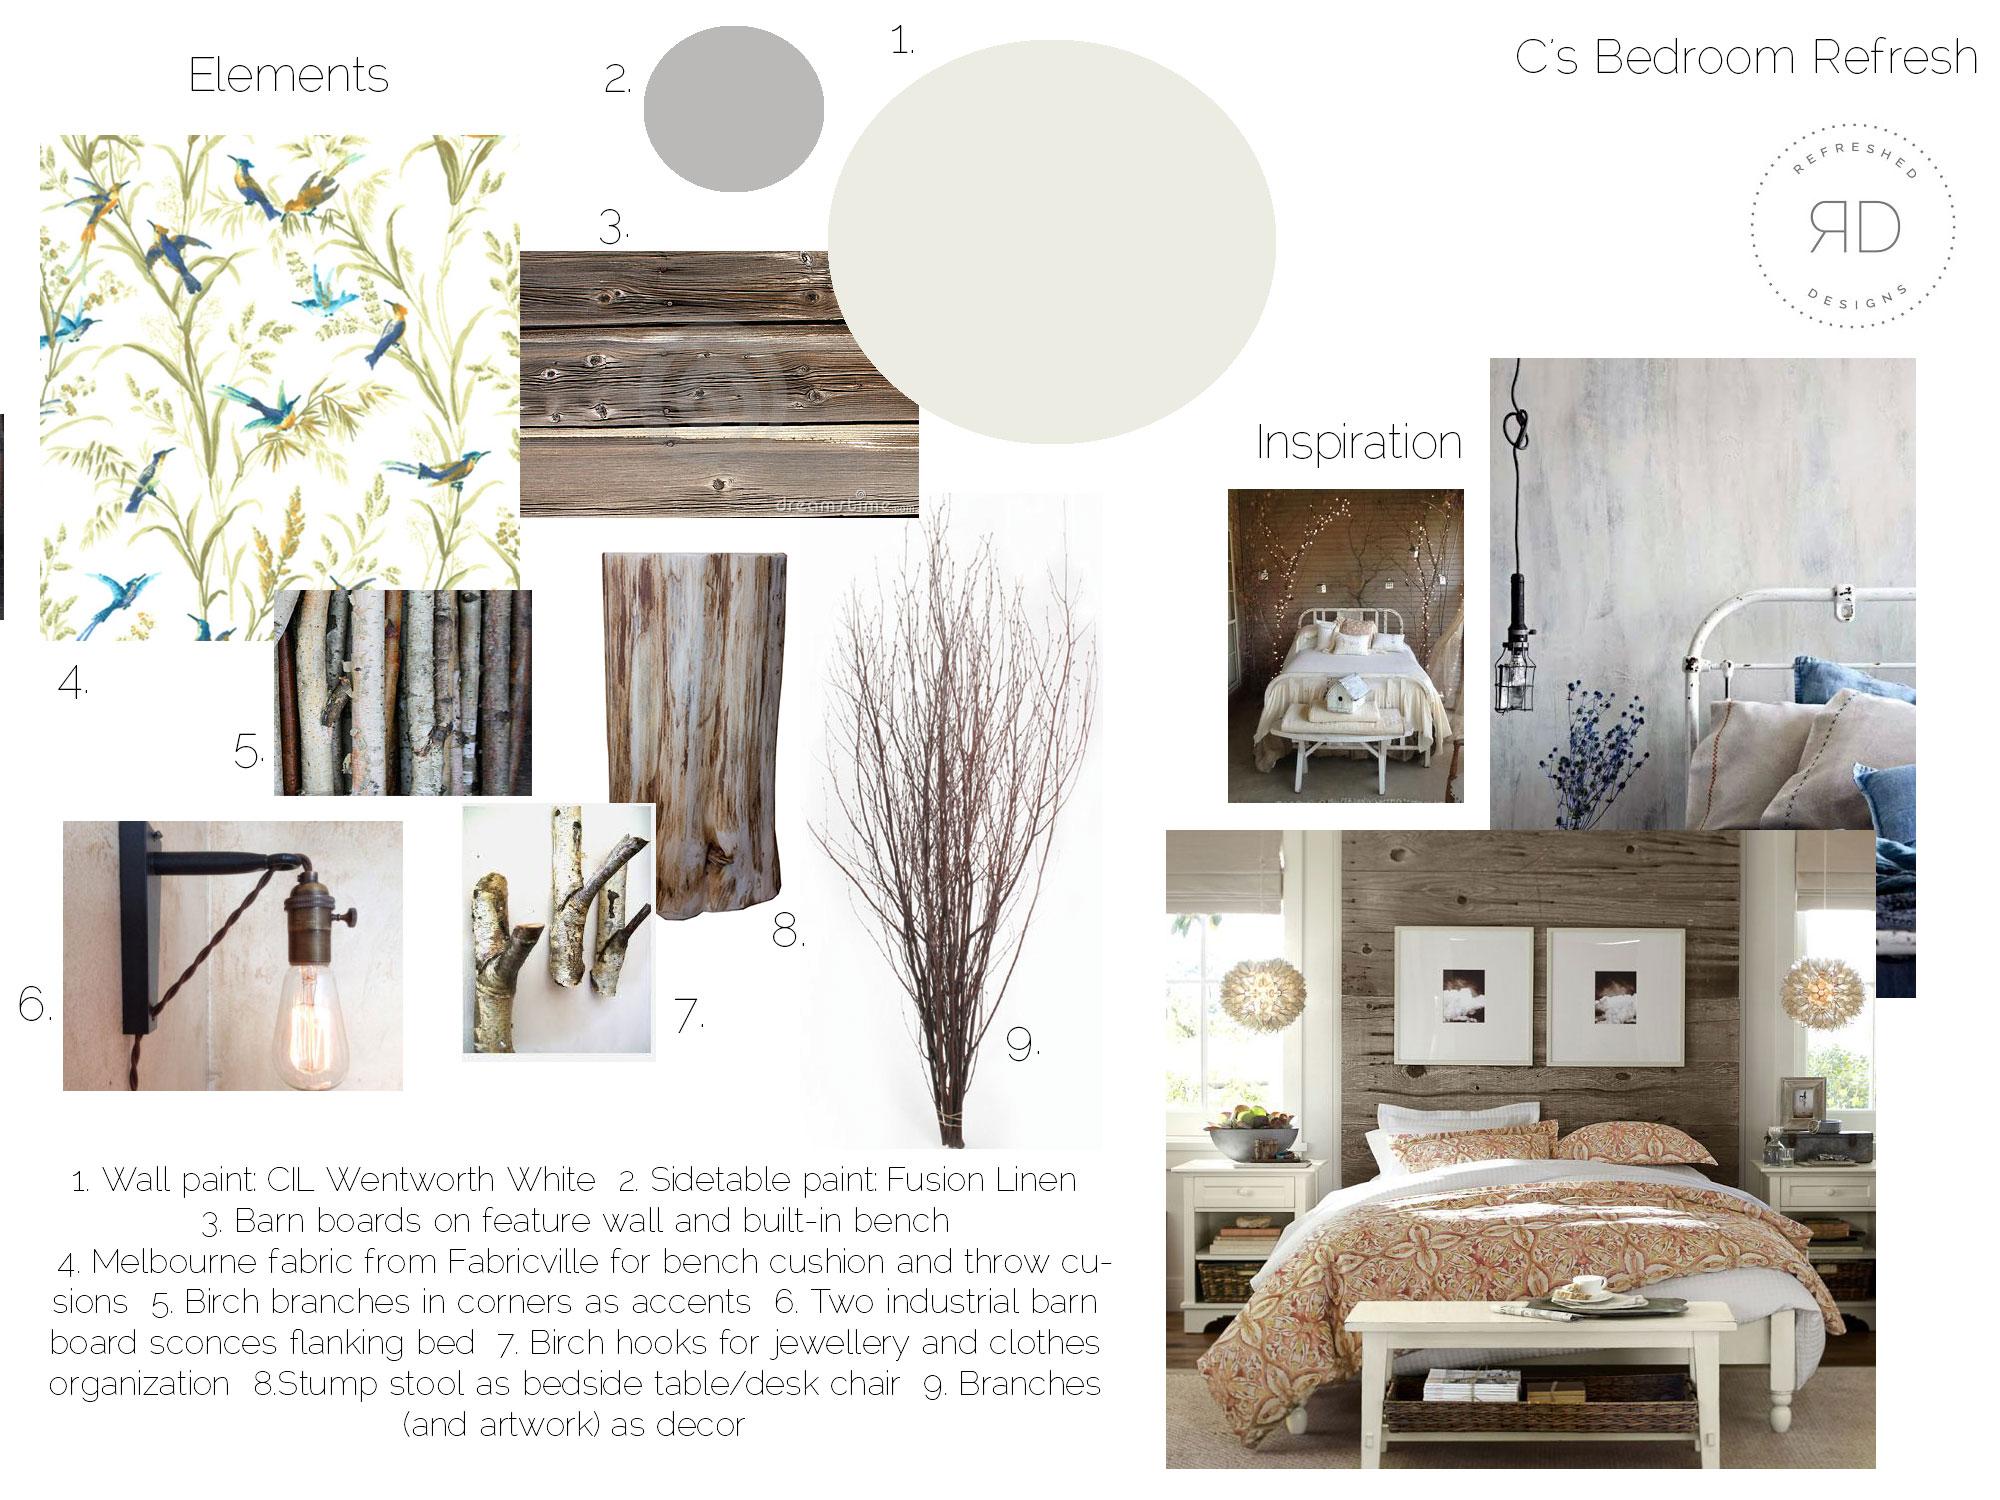 e-fresh-bedroom-design.jpg